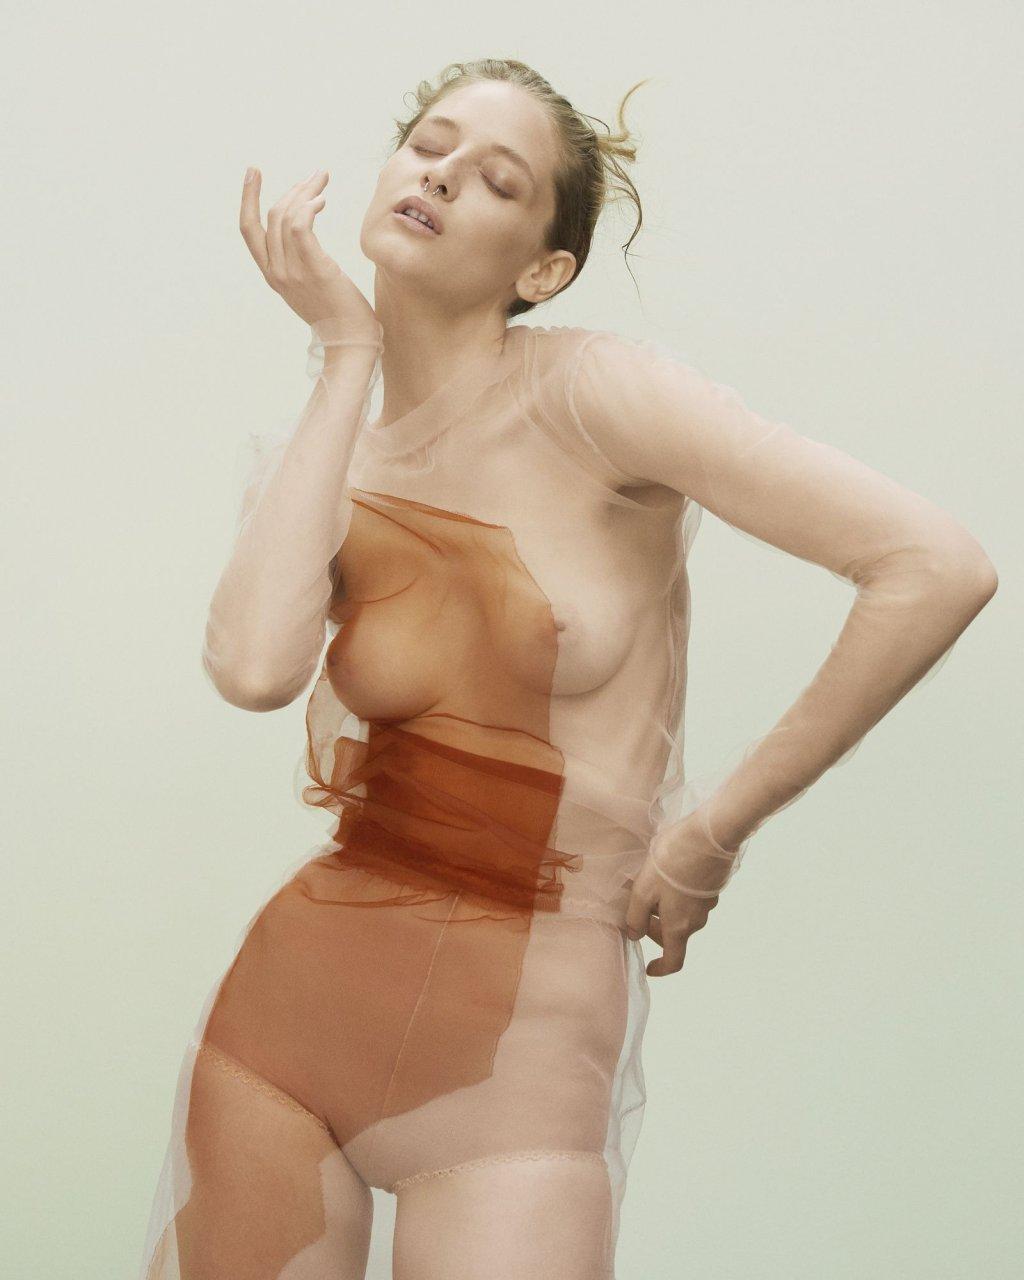 Porno Melina Gesto nude photos 2019